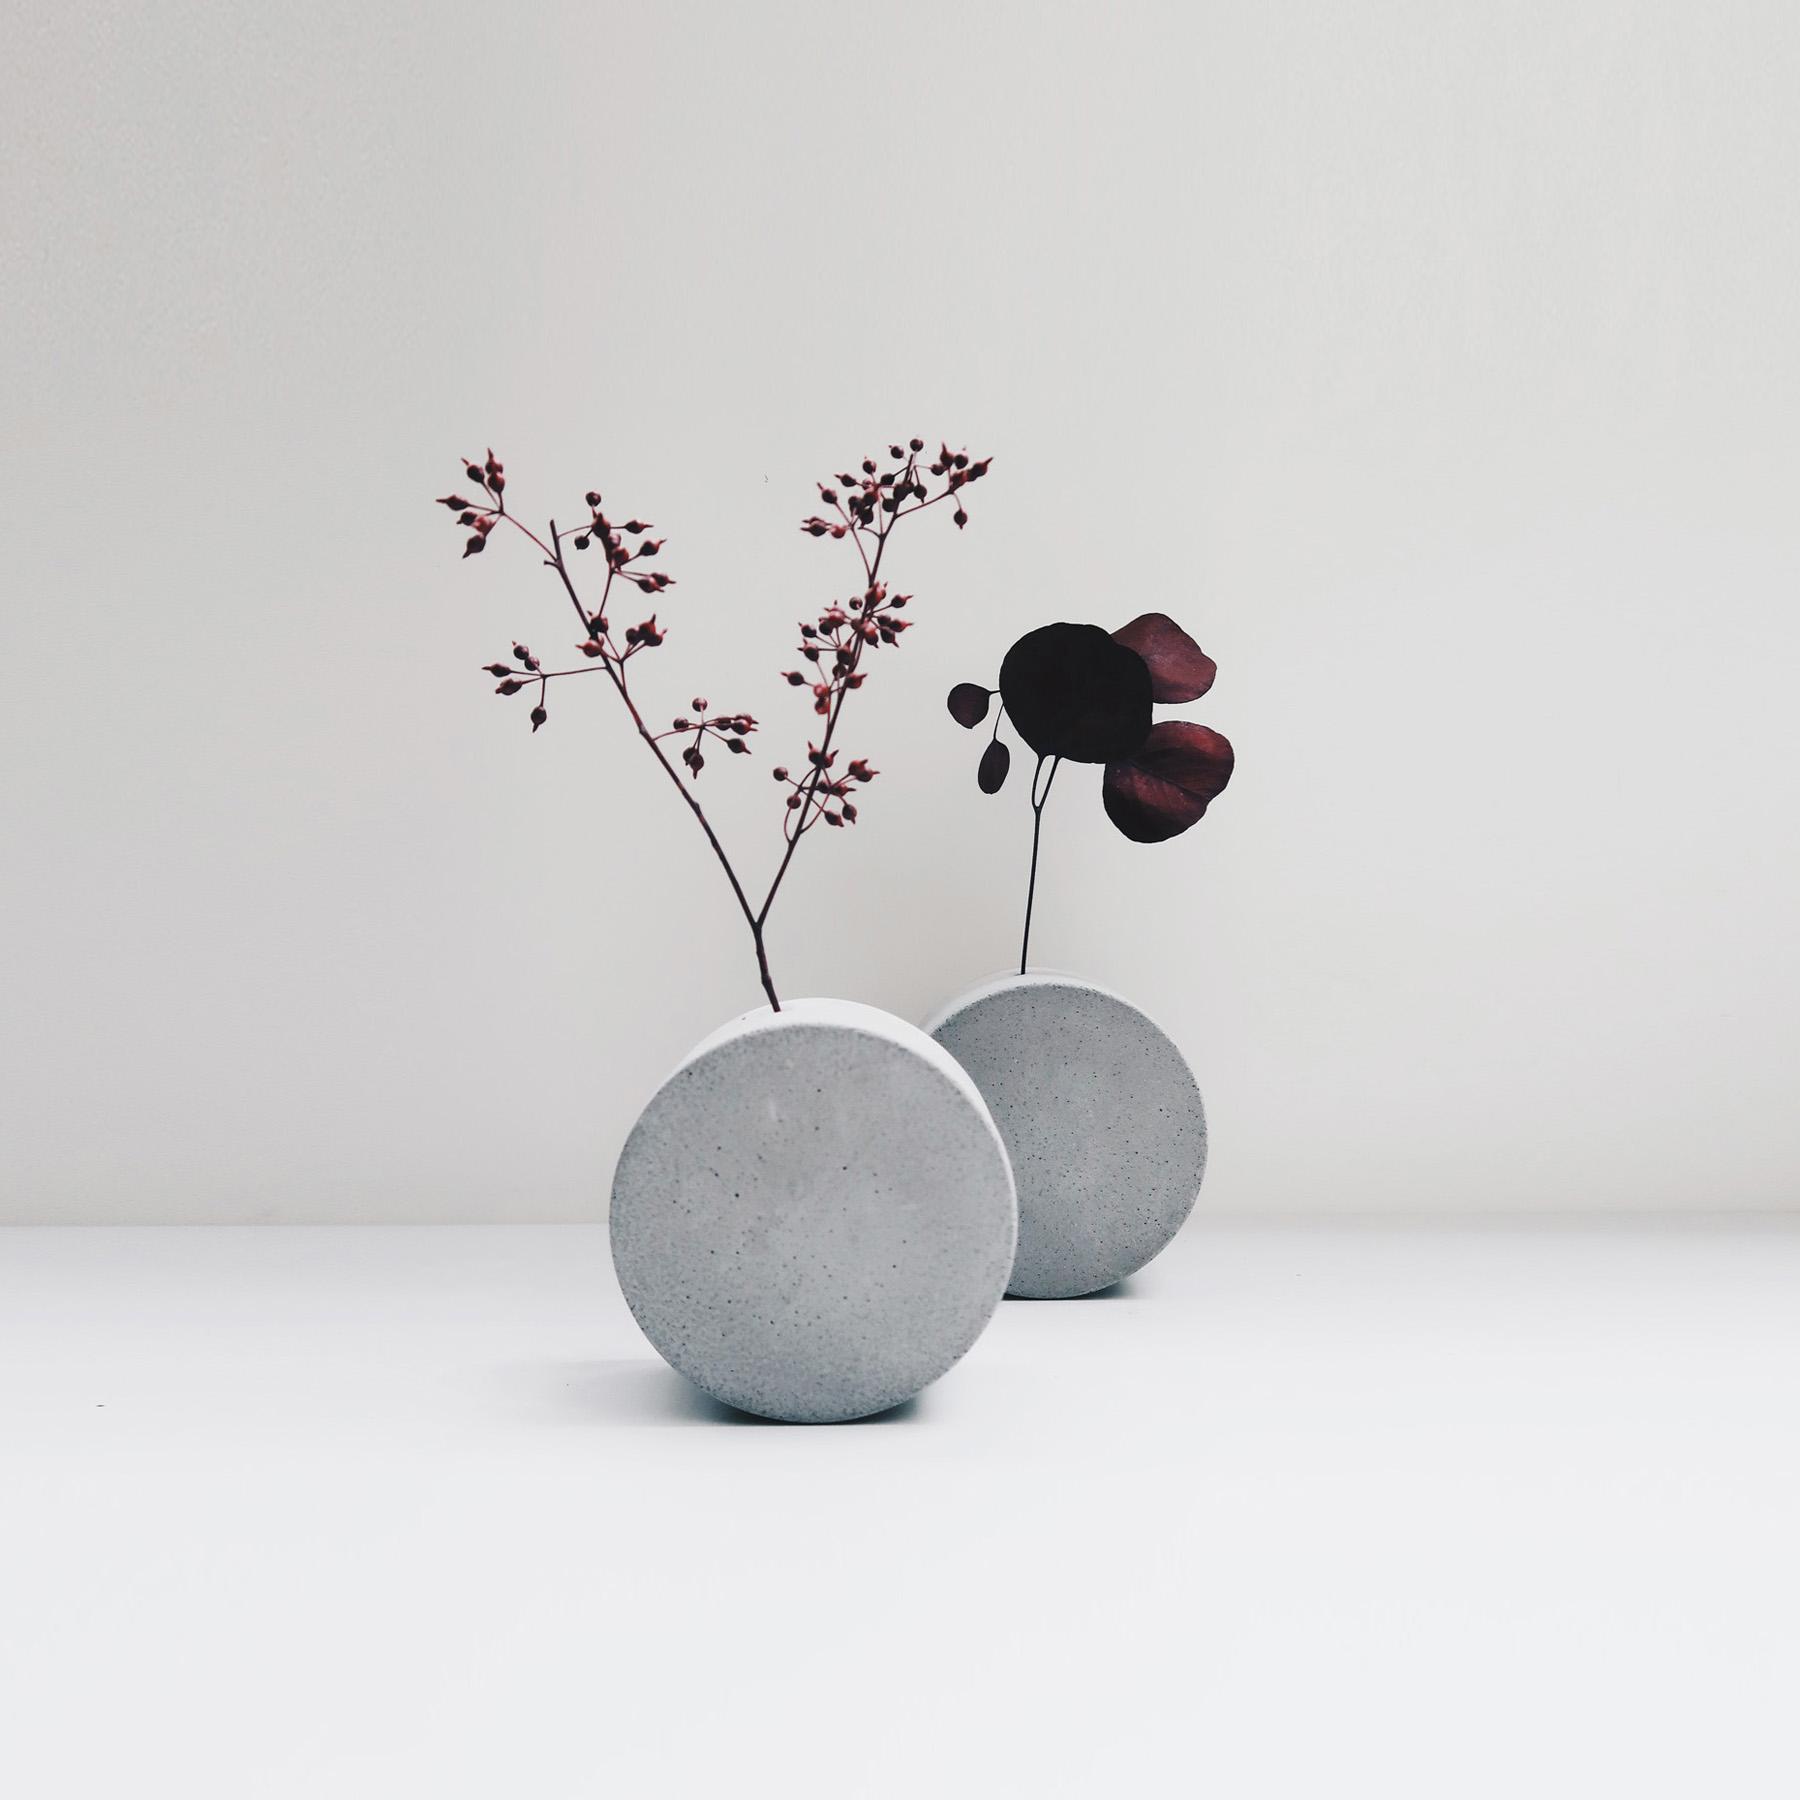 FULL MOON 望月圓形轉轉水泥花器・花插・花瓶